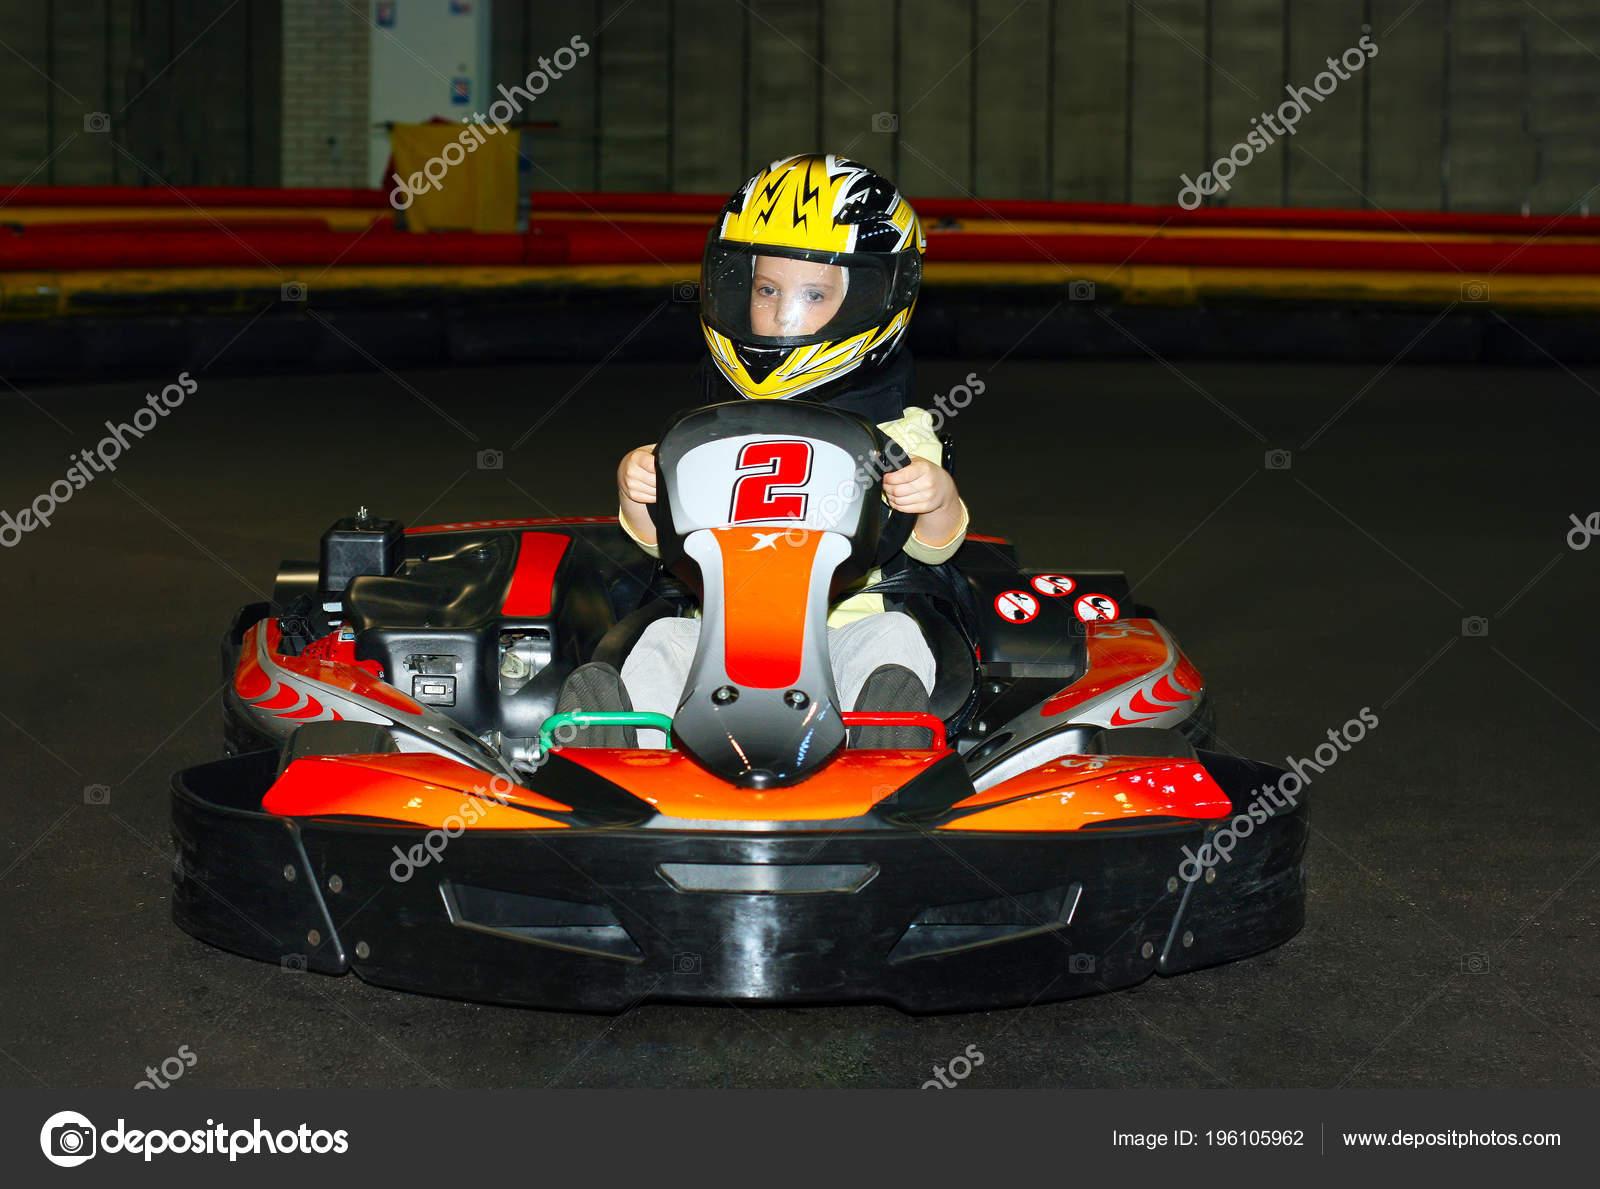 Circuito Karts : Niña sonriente casco circuito karts pista karting interior u foto